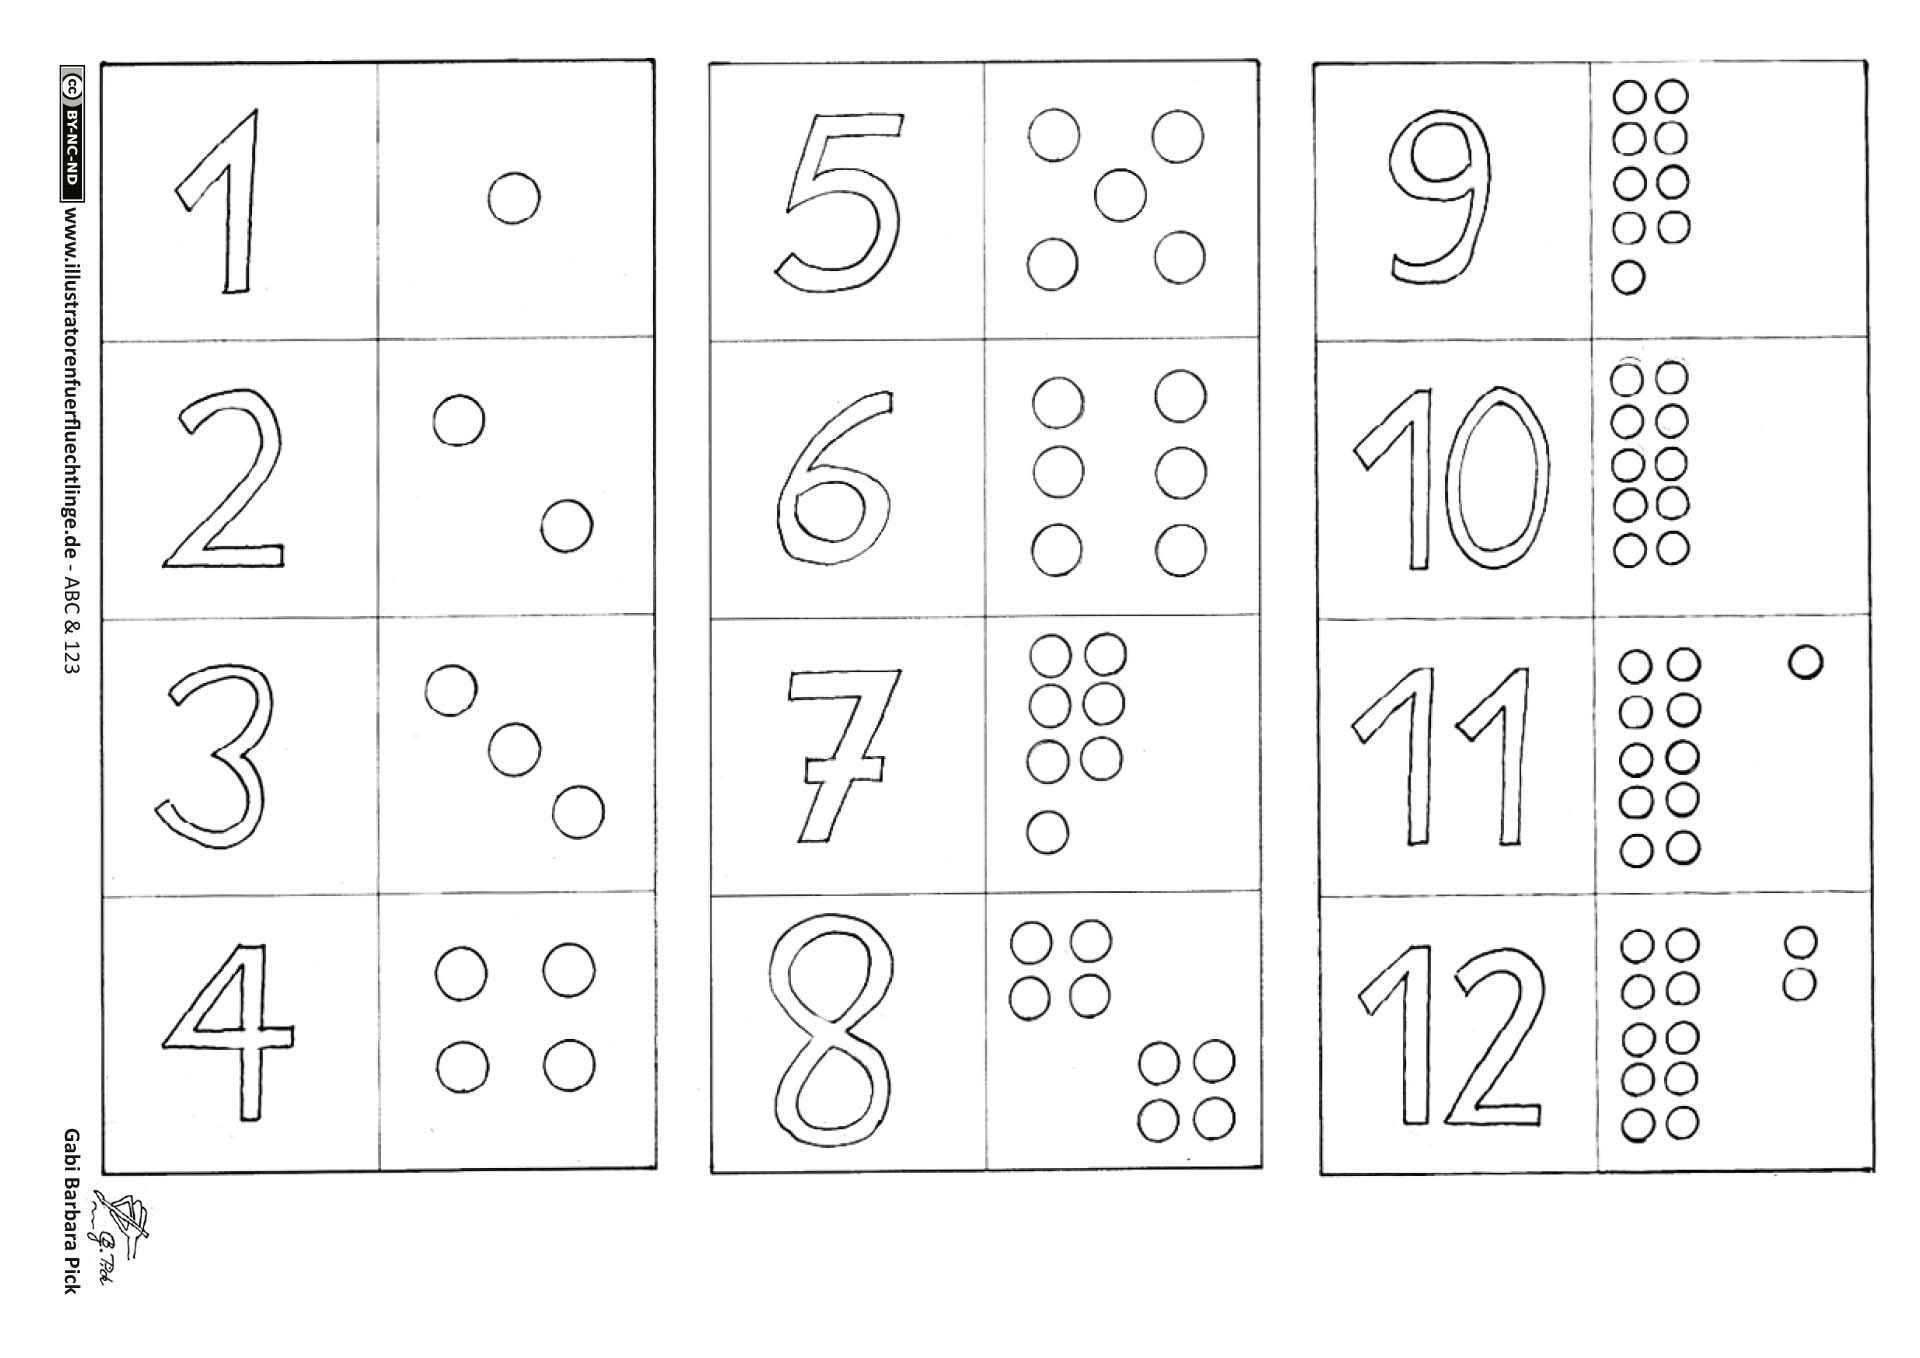 Download Als Pdf Abc Und 123 Zahlen Memo Spiel 2 Seiten Pick Buchstaben Spiele Buchstaben Lernen Zahlen Schreiben Lernen